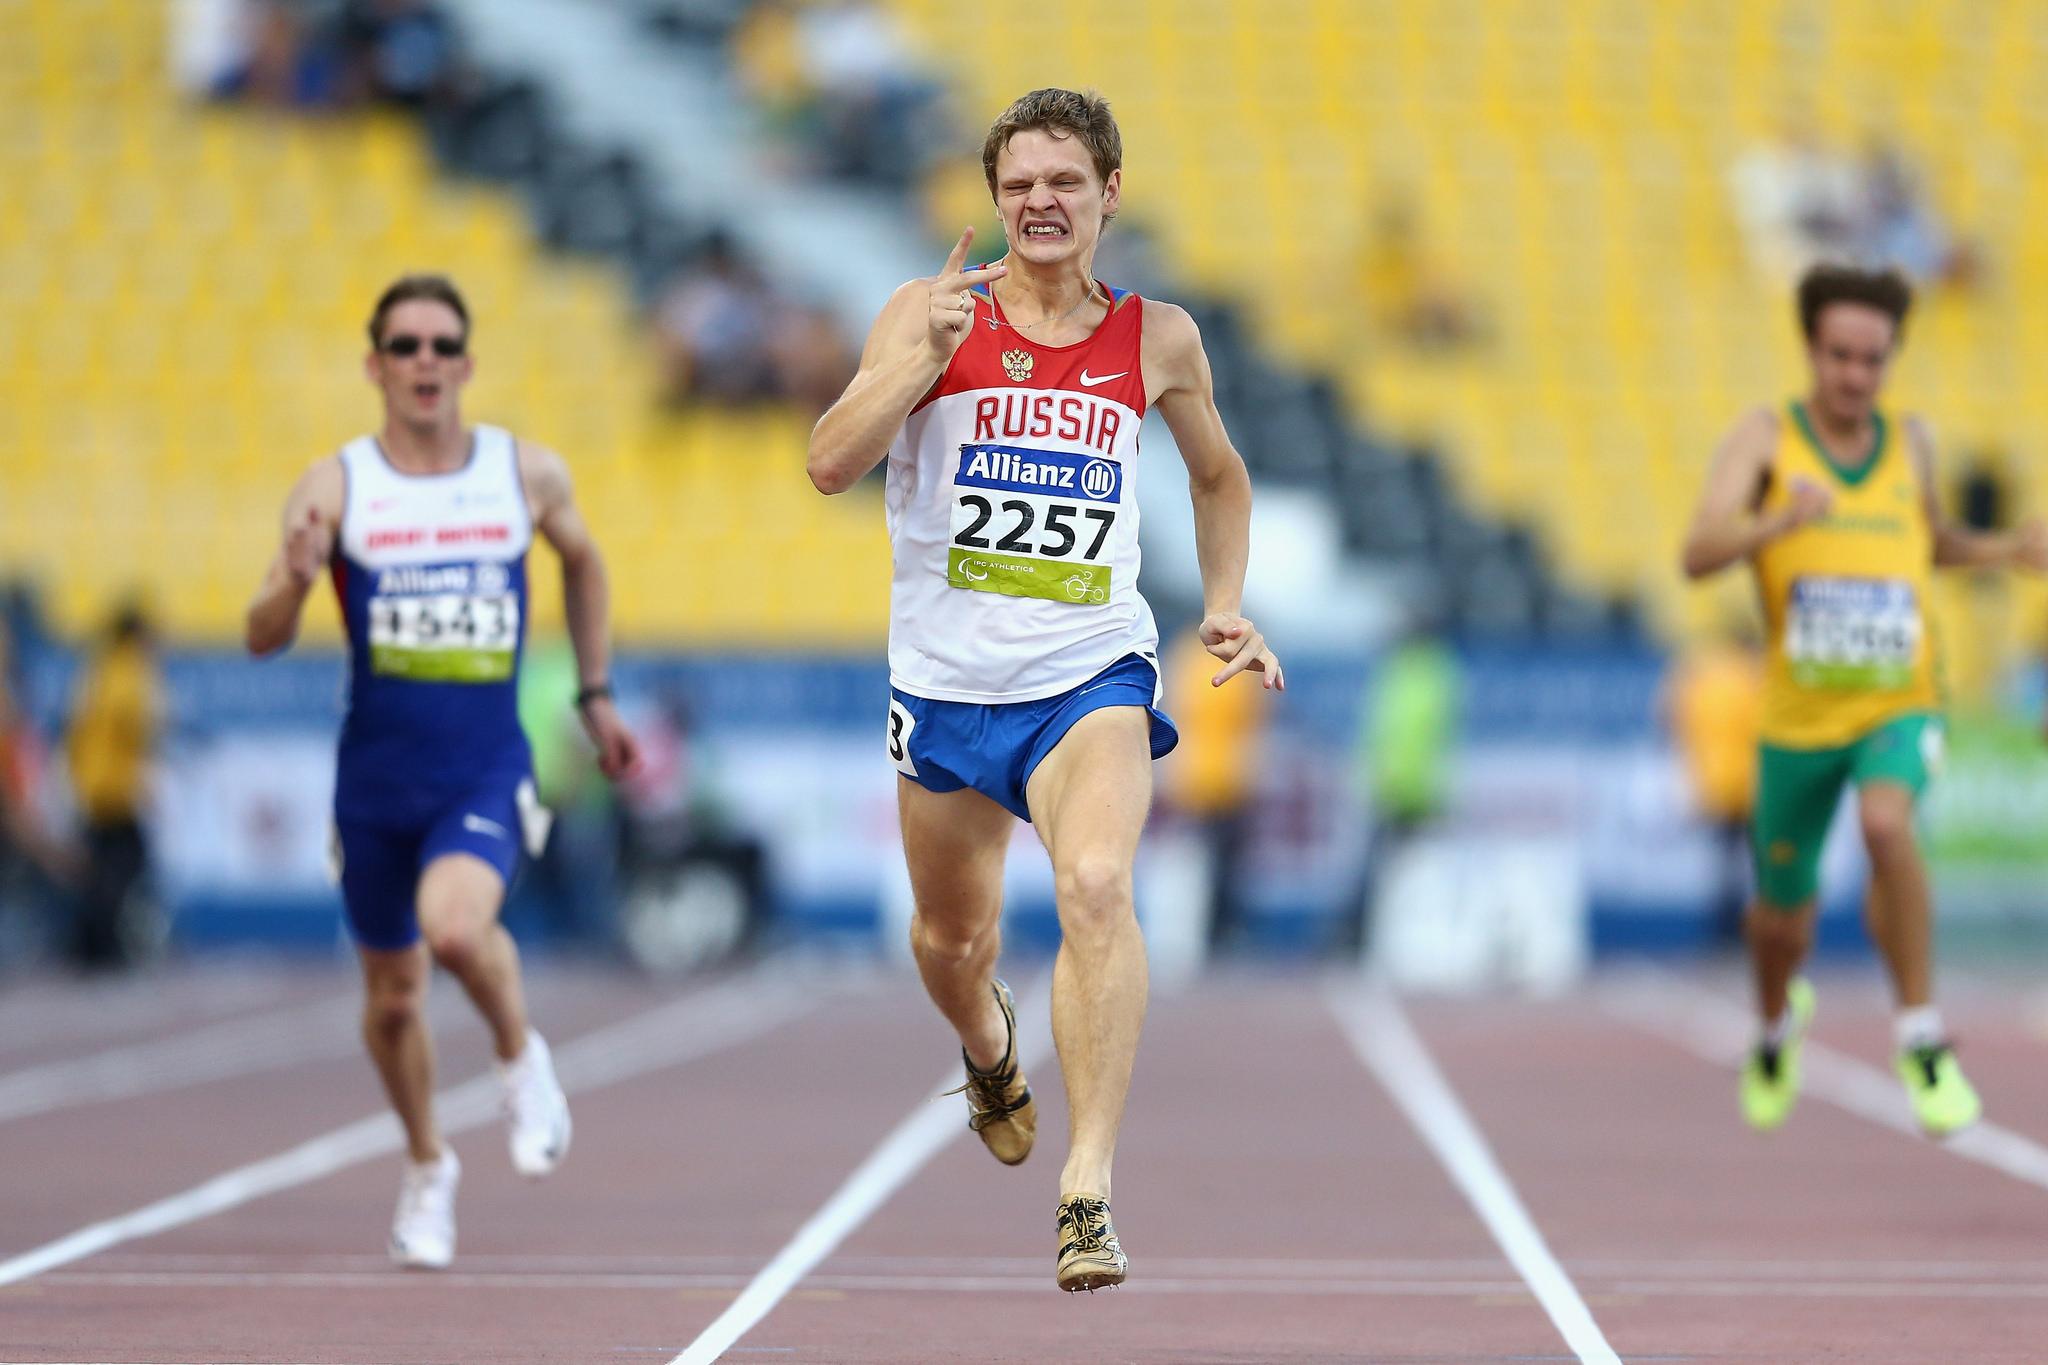 Сборная команда России по легкой атлетике завоевала 3 золотые, 4 серебряные и 3 бронзовые медали в заключительный день чемпионата мира IPC в Катаре